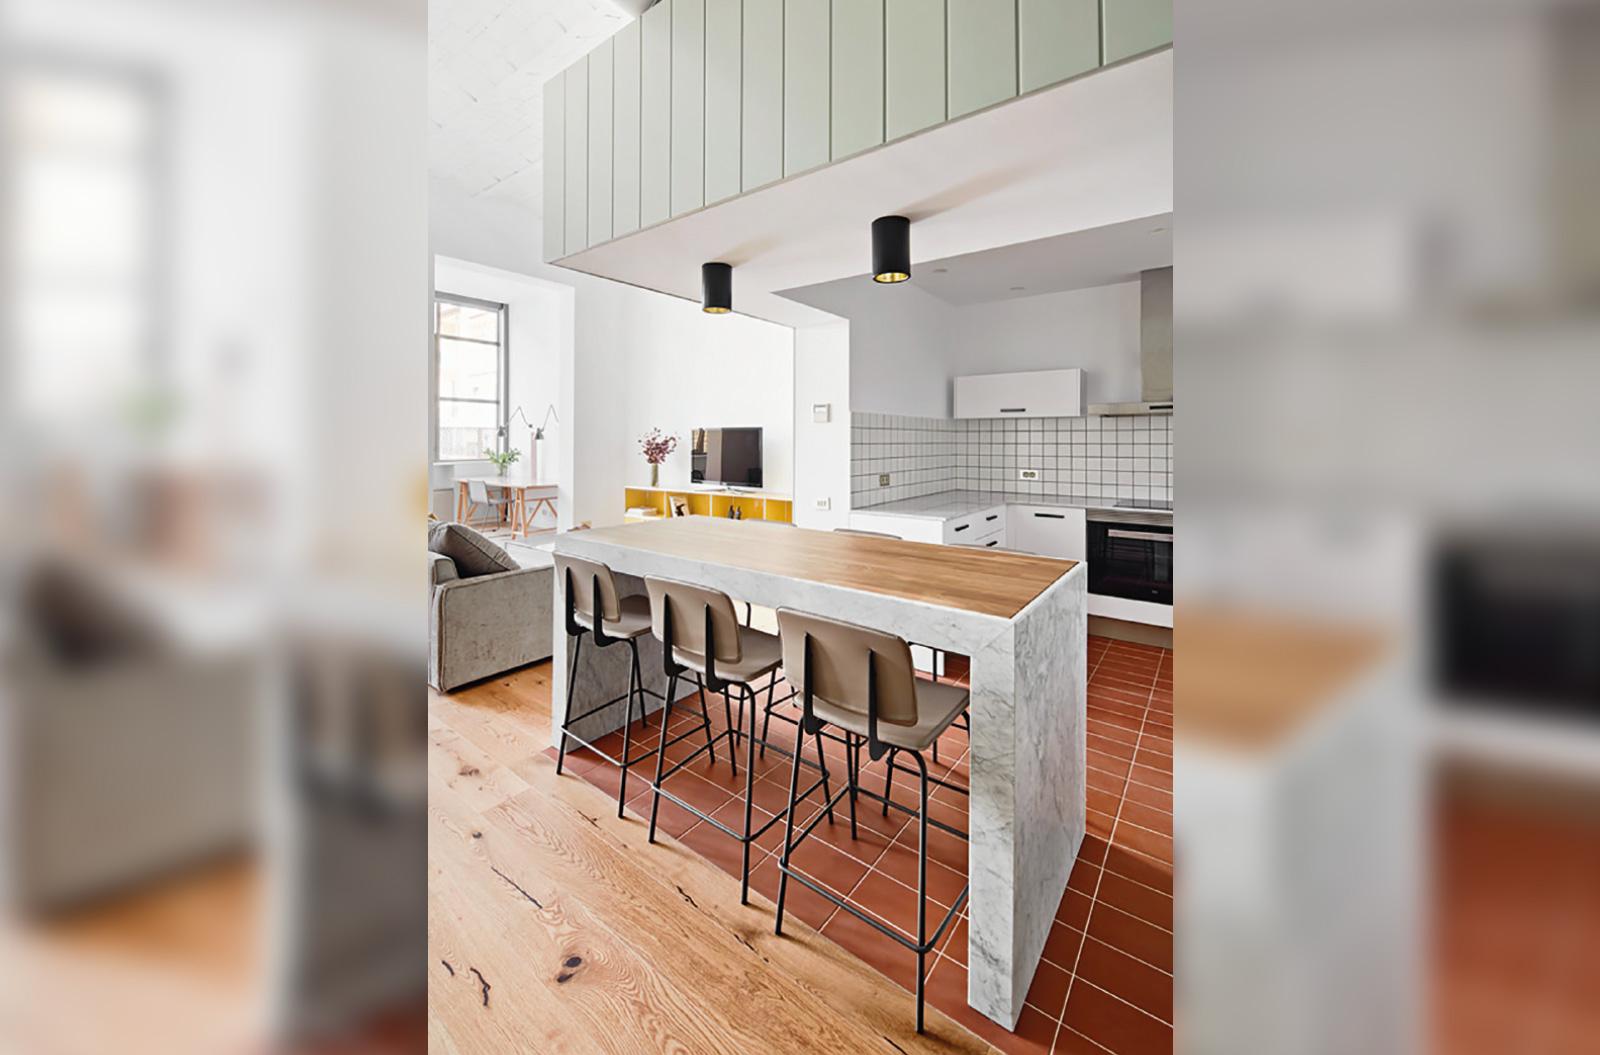 Ser arquitectos e interioristas nos permite entender mejor las necesidades del cliente - Arquitectos interioristas ...